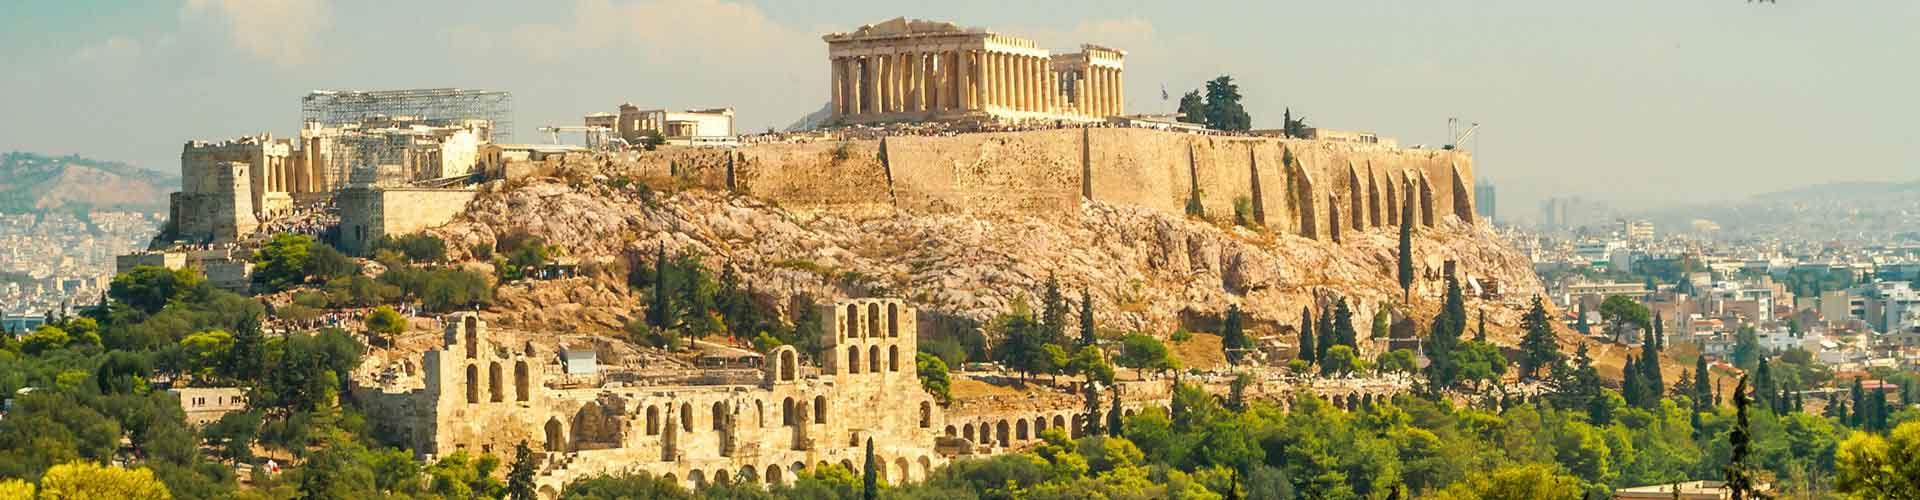 Ateny - Hostele w mieście: Ateny, Mapy: Ateny, Zdjęcia i Recenzje dla każdego hostelu w mieście Ateny.